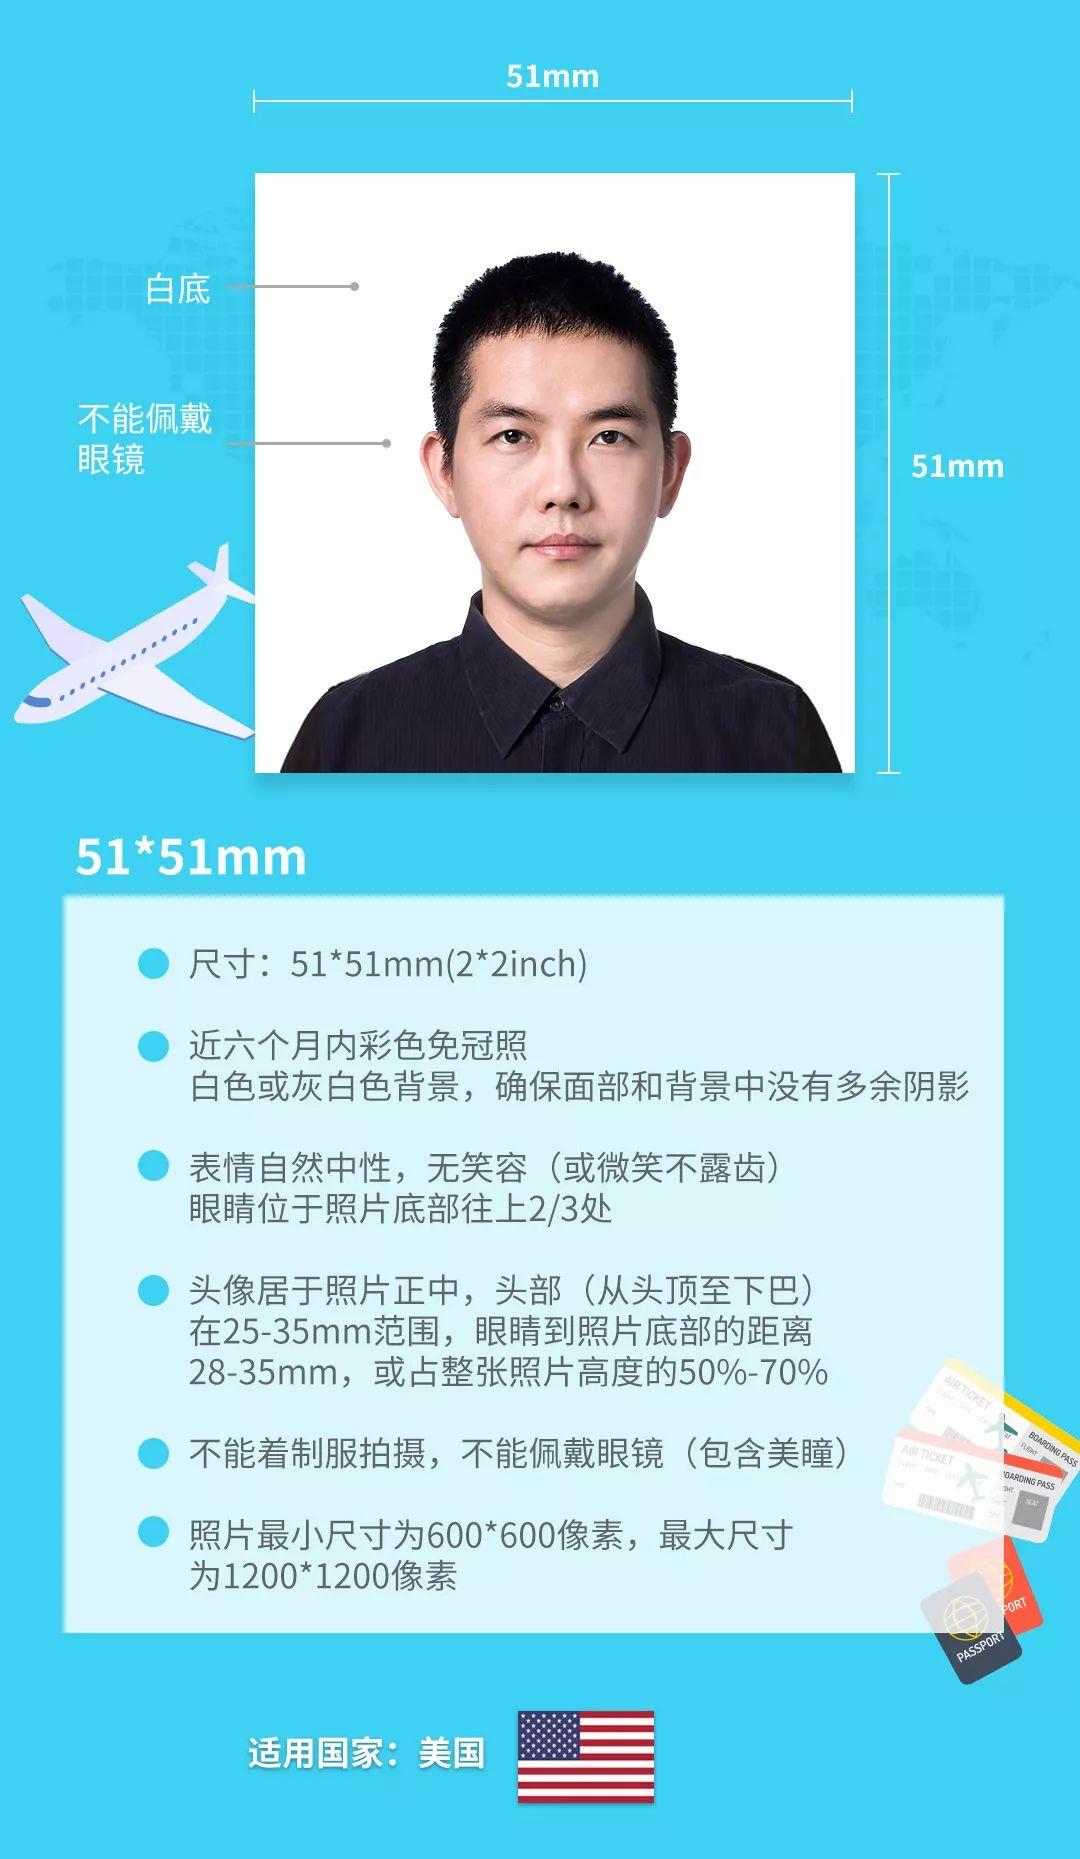 出国旅游各国签证照片尺寸要求 - 新闻 - 宜昌旅游网